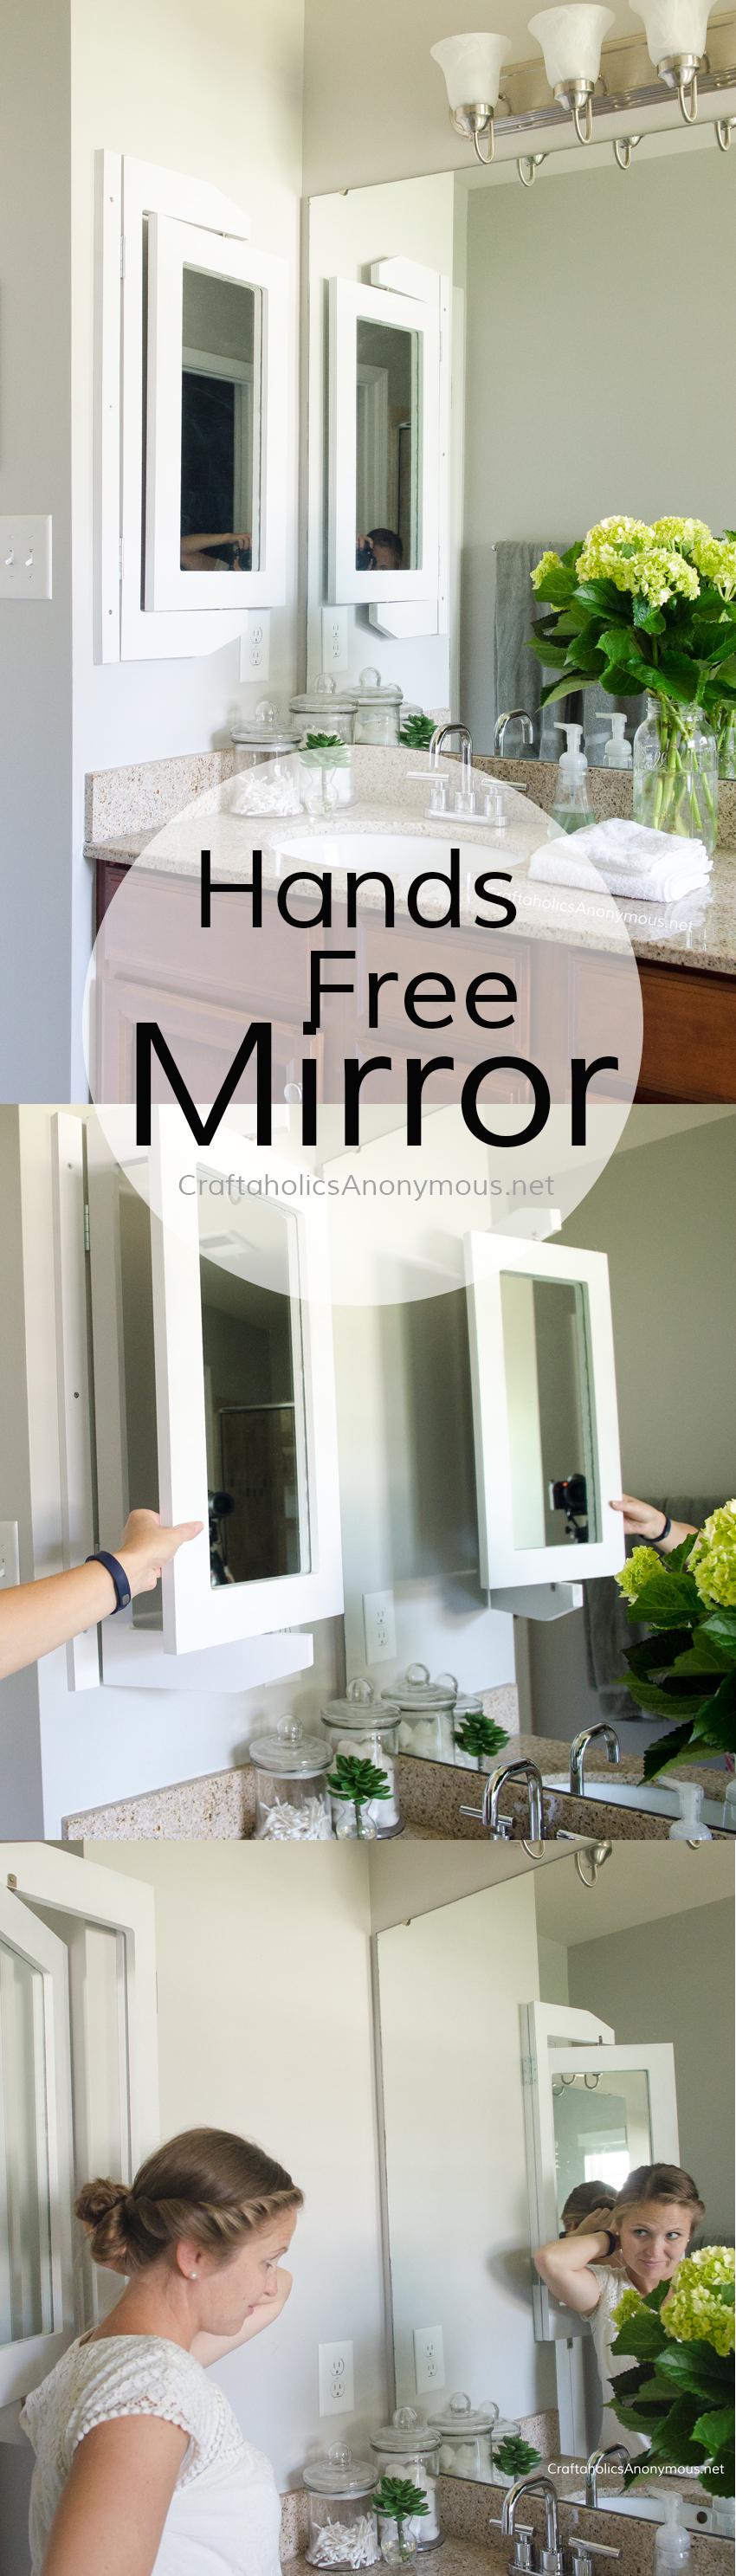 DIY Hands Free Mirror